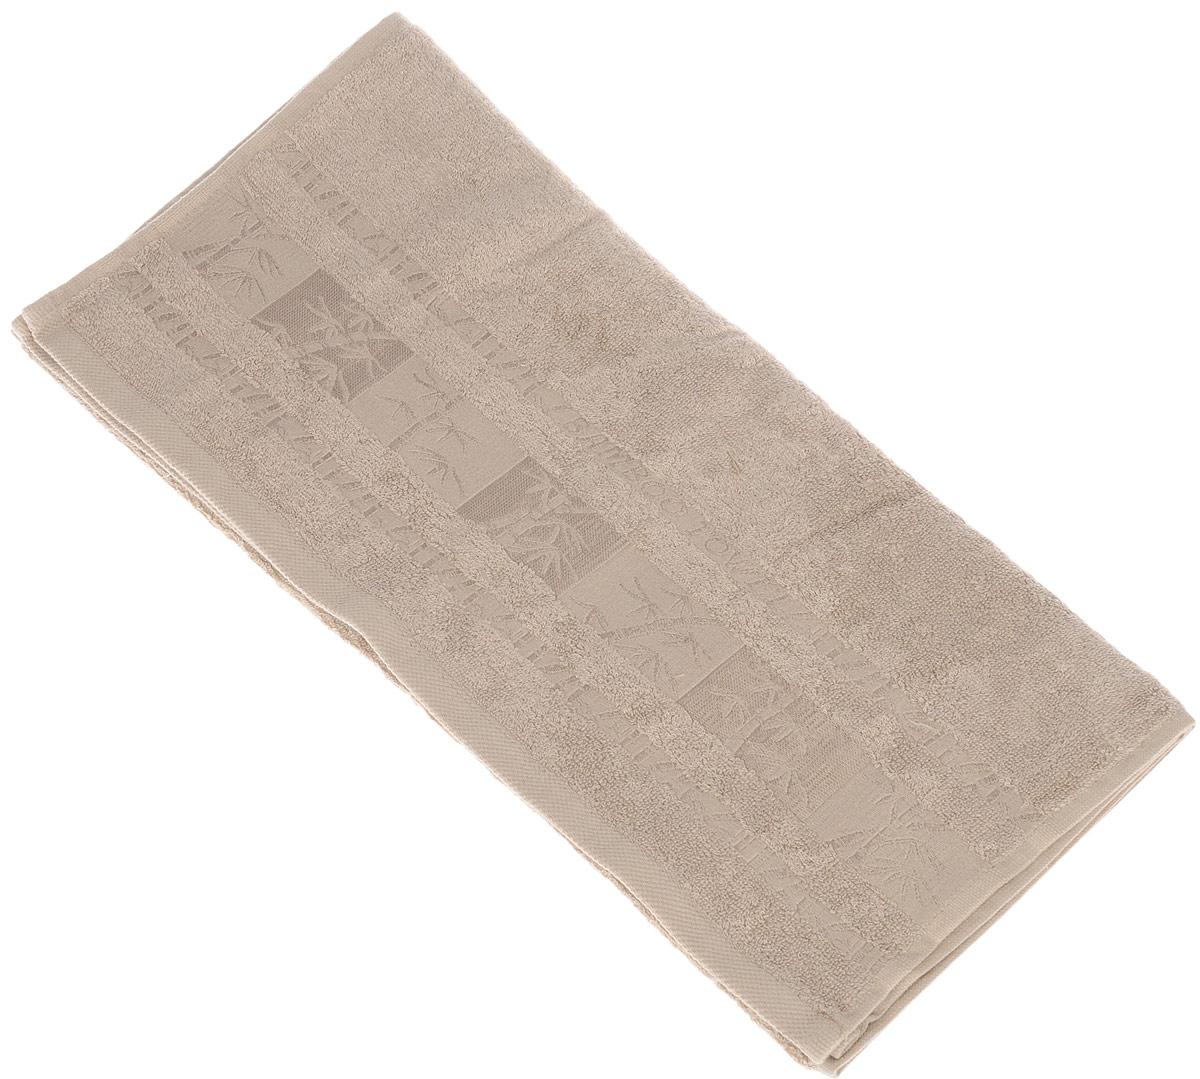 Полотенце Brielle Bamboo, цвет: мокко, 50 х 90 см1212Полотенца ТАС Приятно удивляют и дают возможность почувствовать себя творцом окружающего декора. Махровая ткань – официальное название «фроте», народное – «махра». Фроте – это натуральная ткань, поверхность которой состоит из ворса (петель основных нитей). Ворс может быть как одинарным (односторонним), так и двойным (двусторонним).